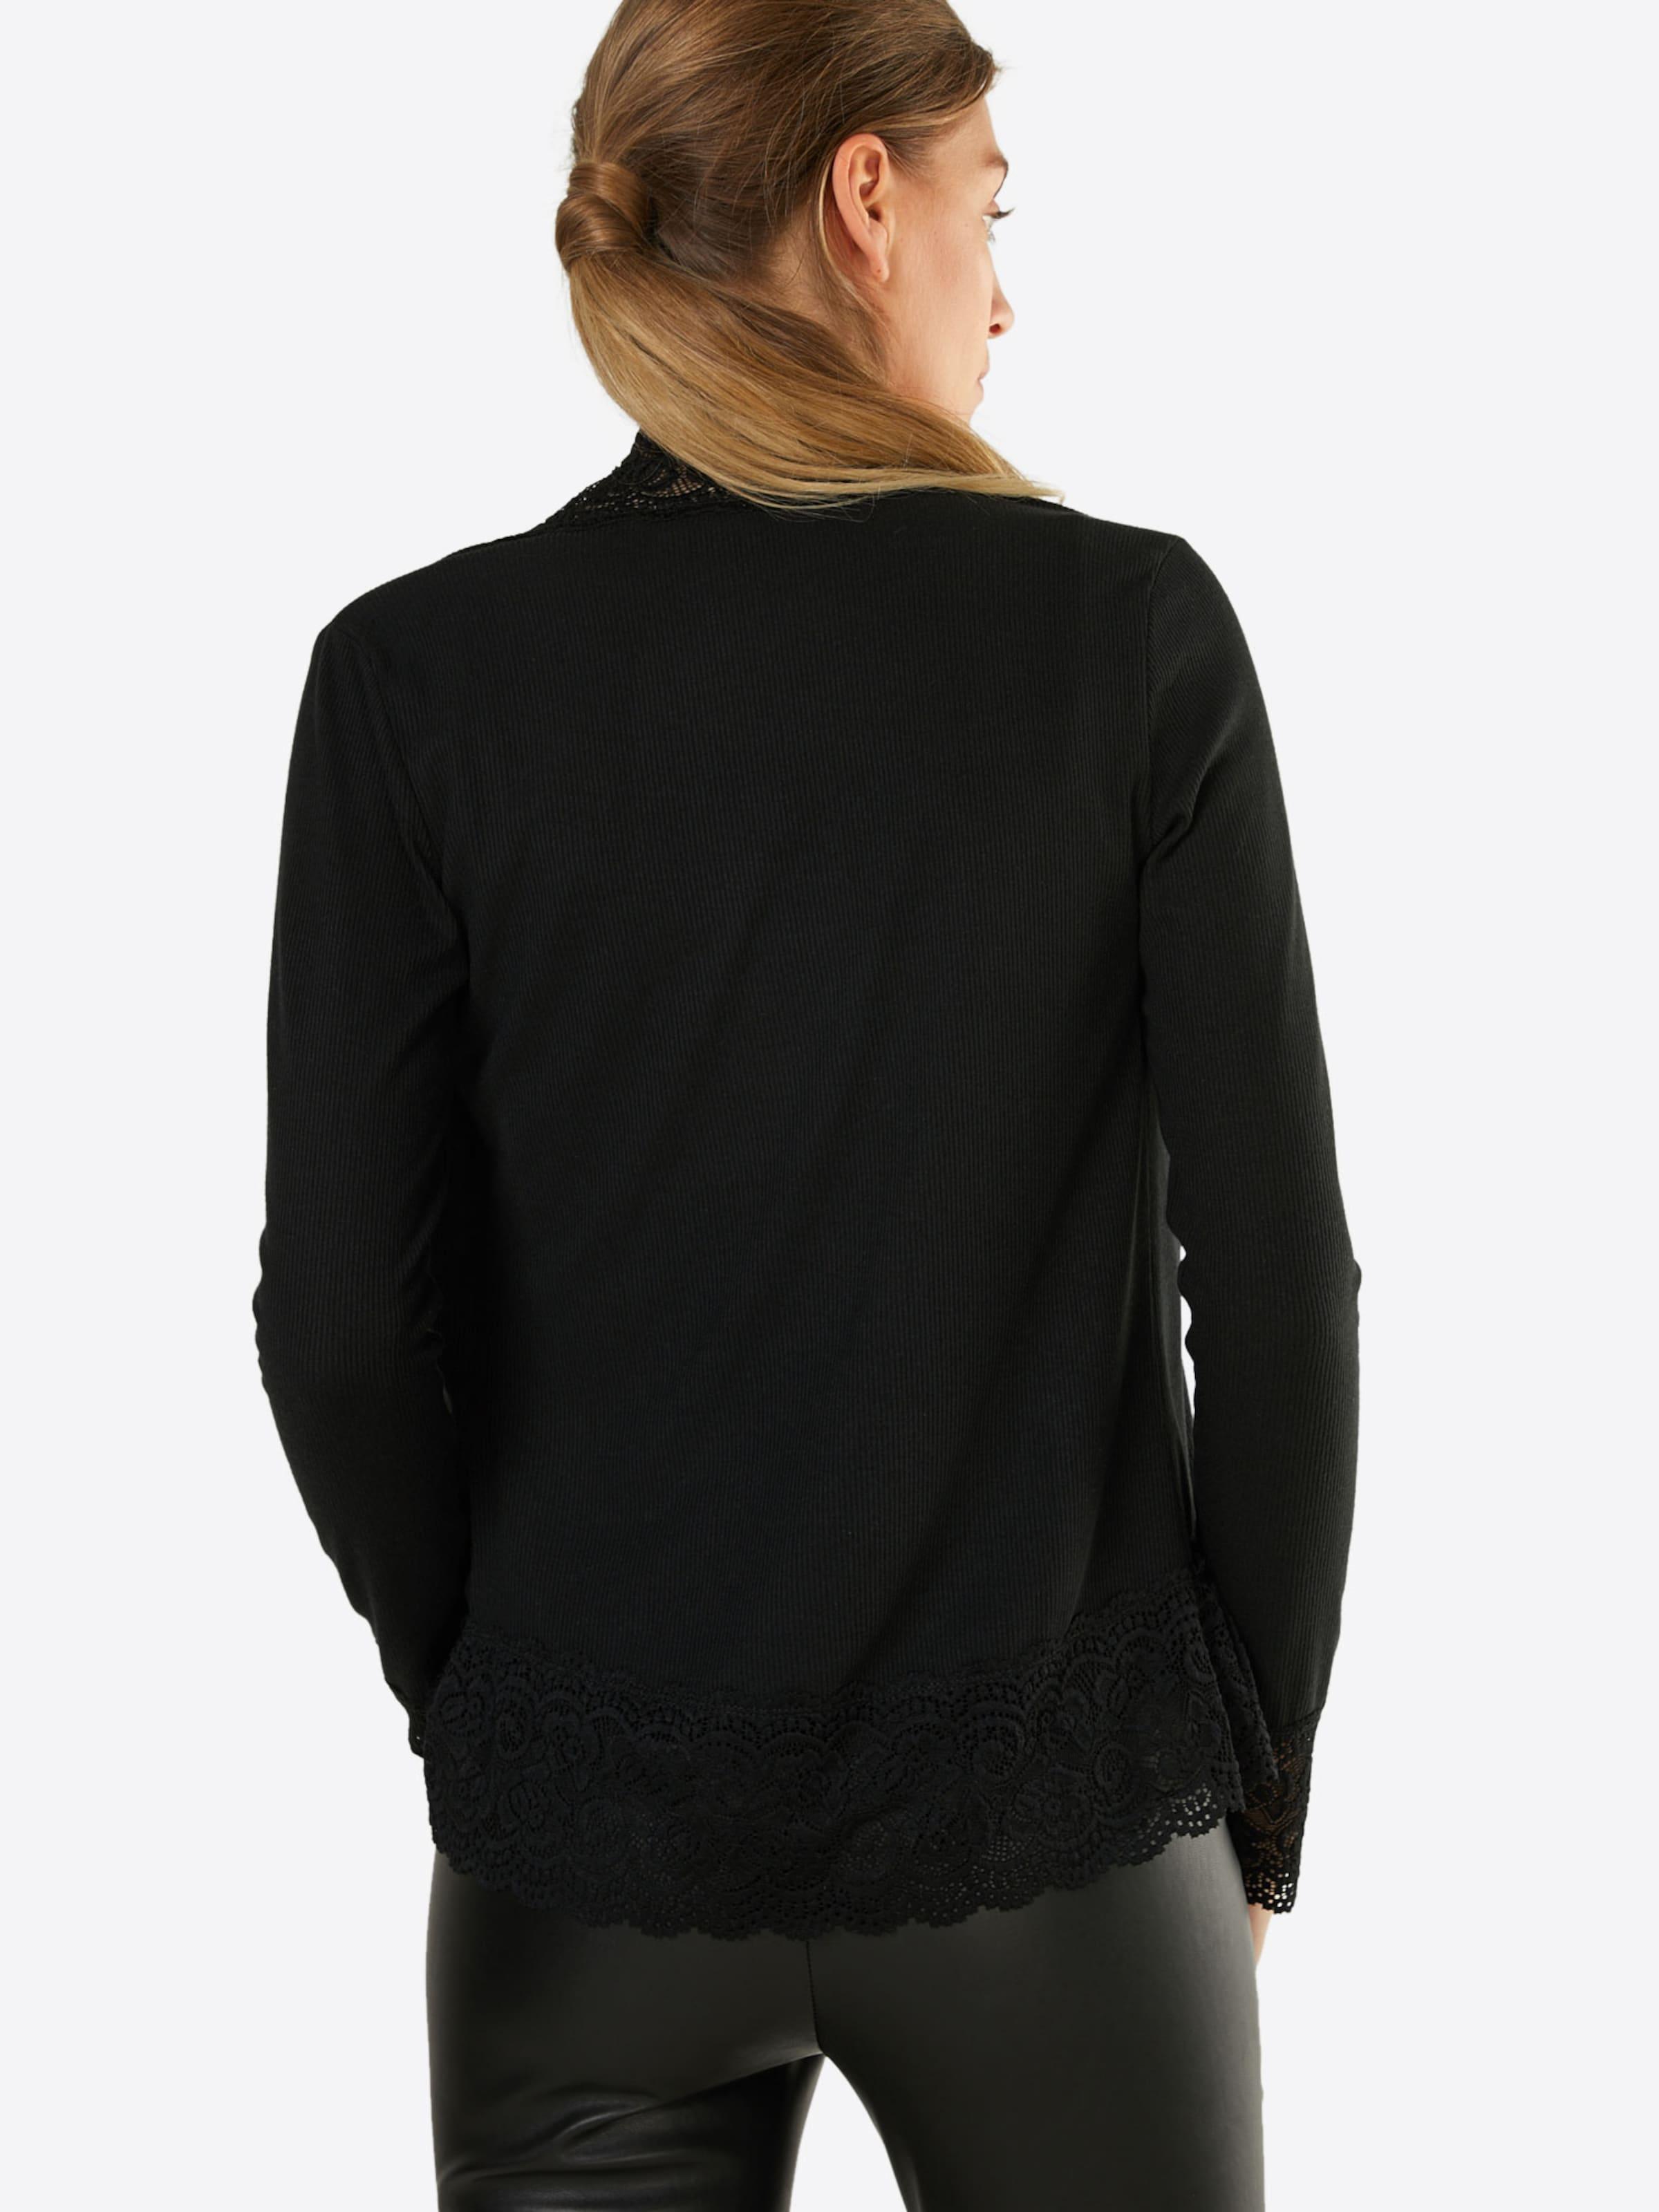 Cream Strickjacke 'Vanessa' Billig Verkaufen Billig Billige Neueste YFXDZyU